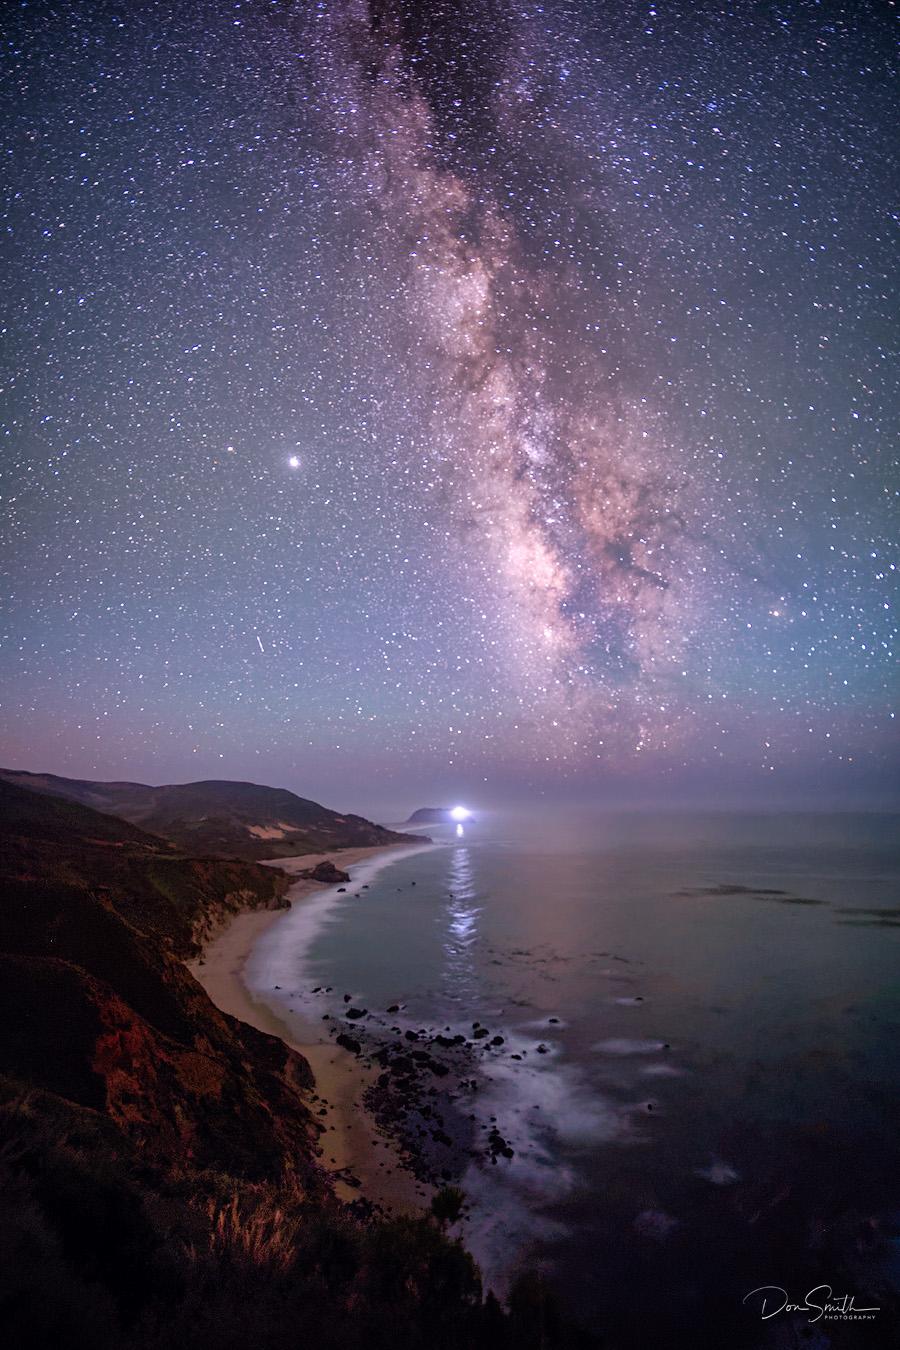 Milky Way Over Big Sur Coast